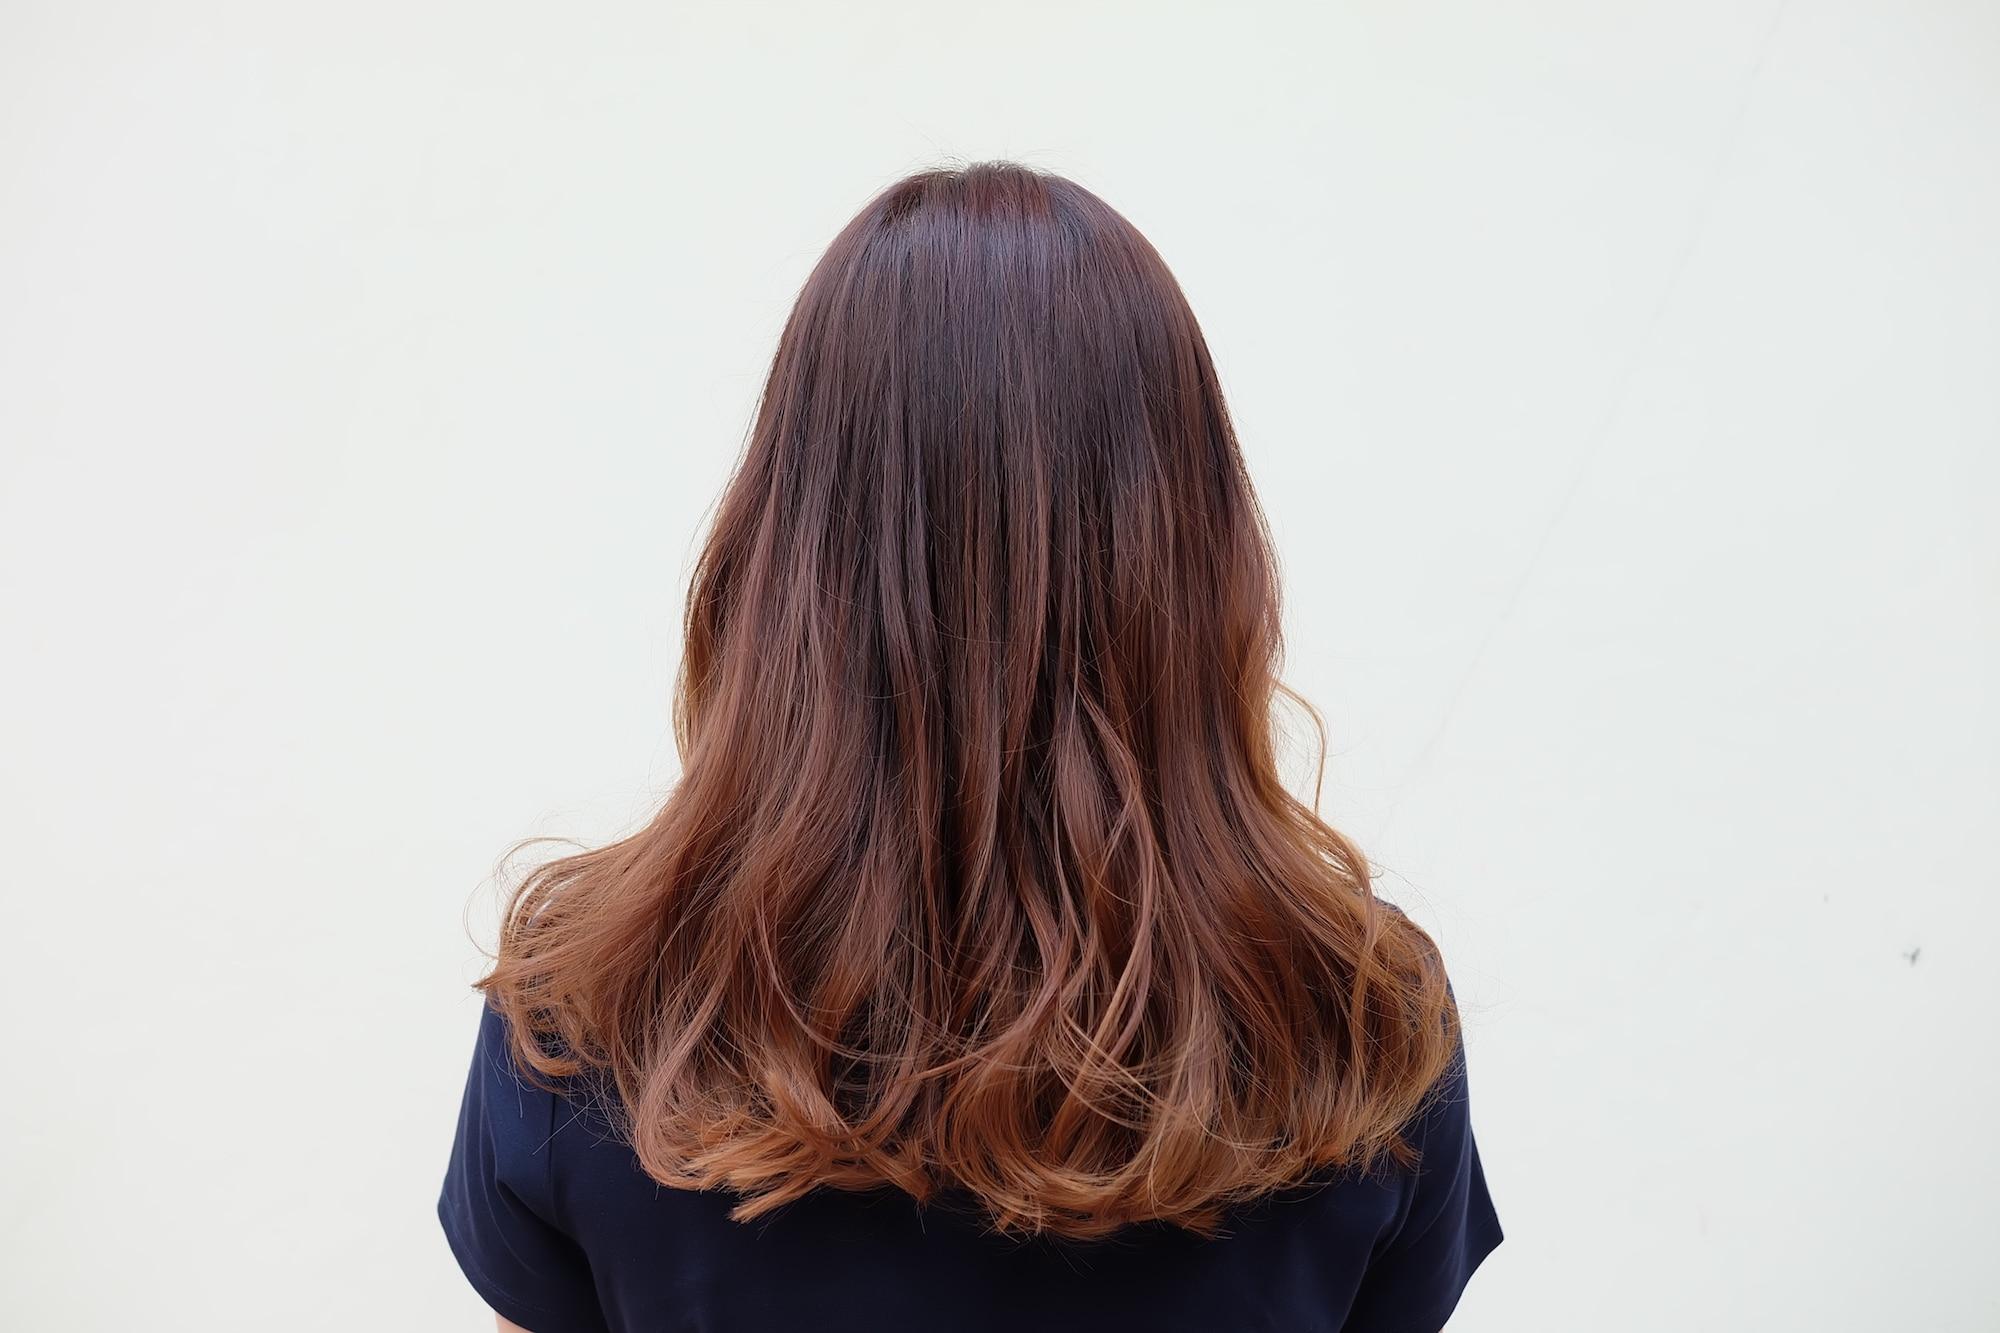 83+ Gambar Rambut Coklat Ombre Kekinian